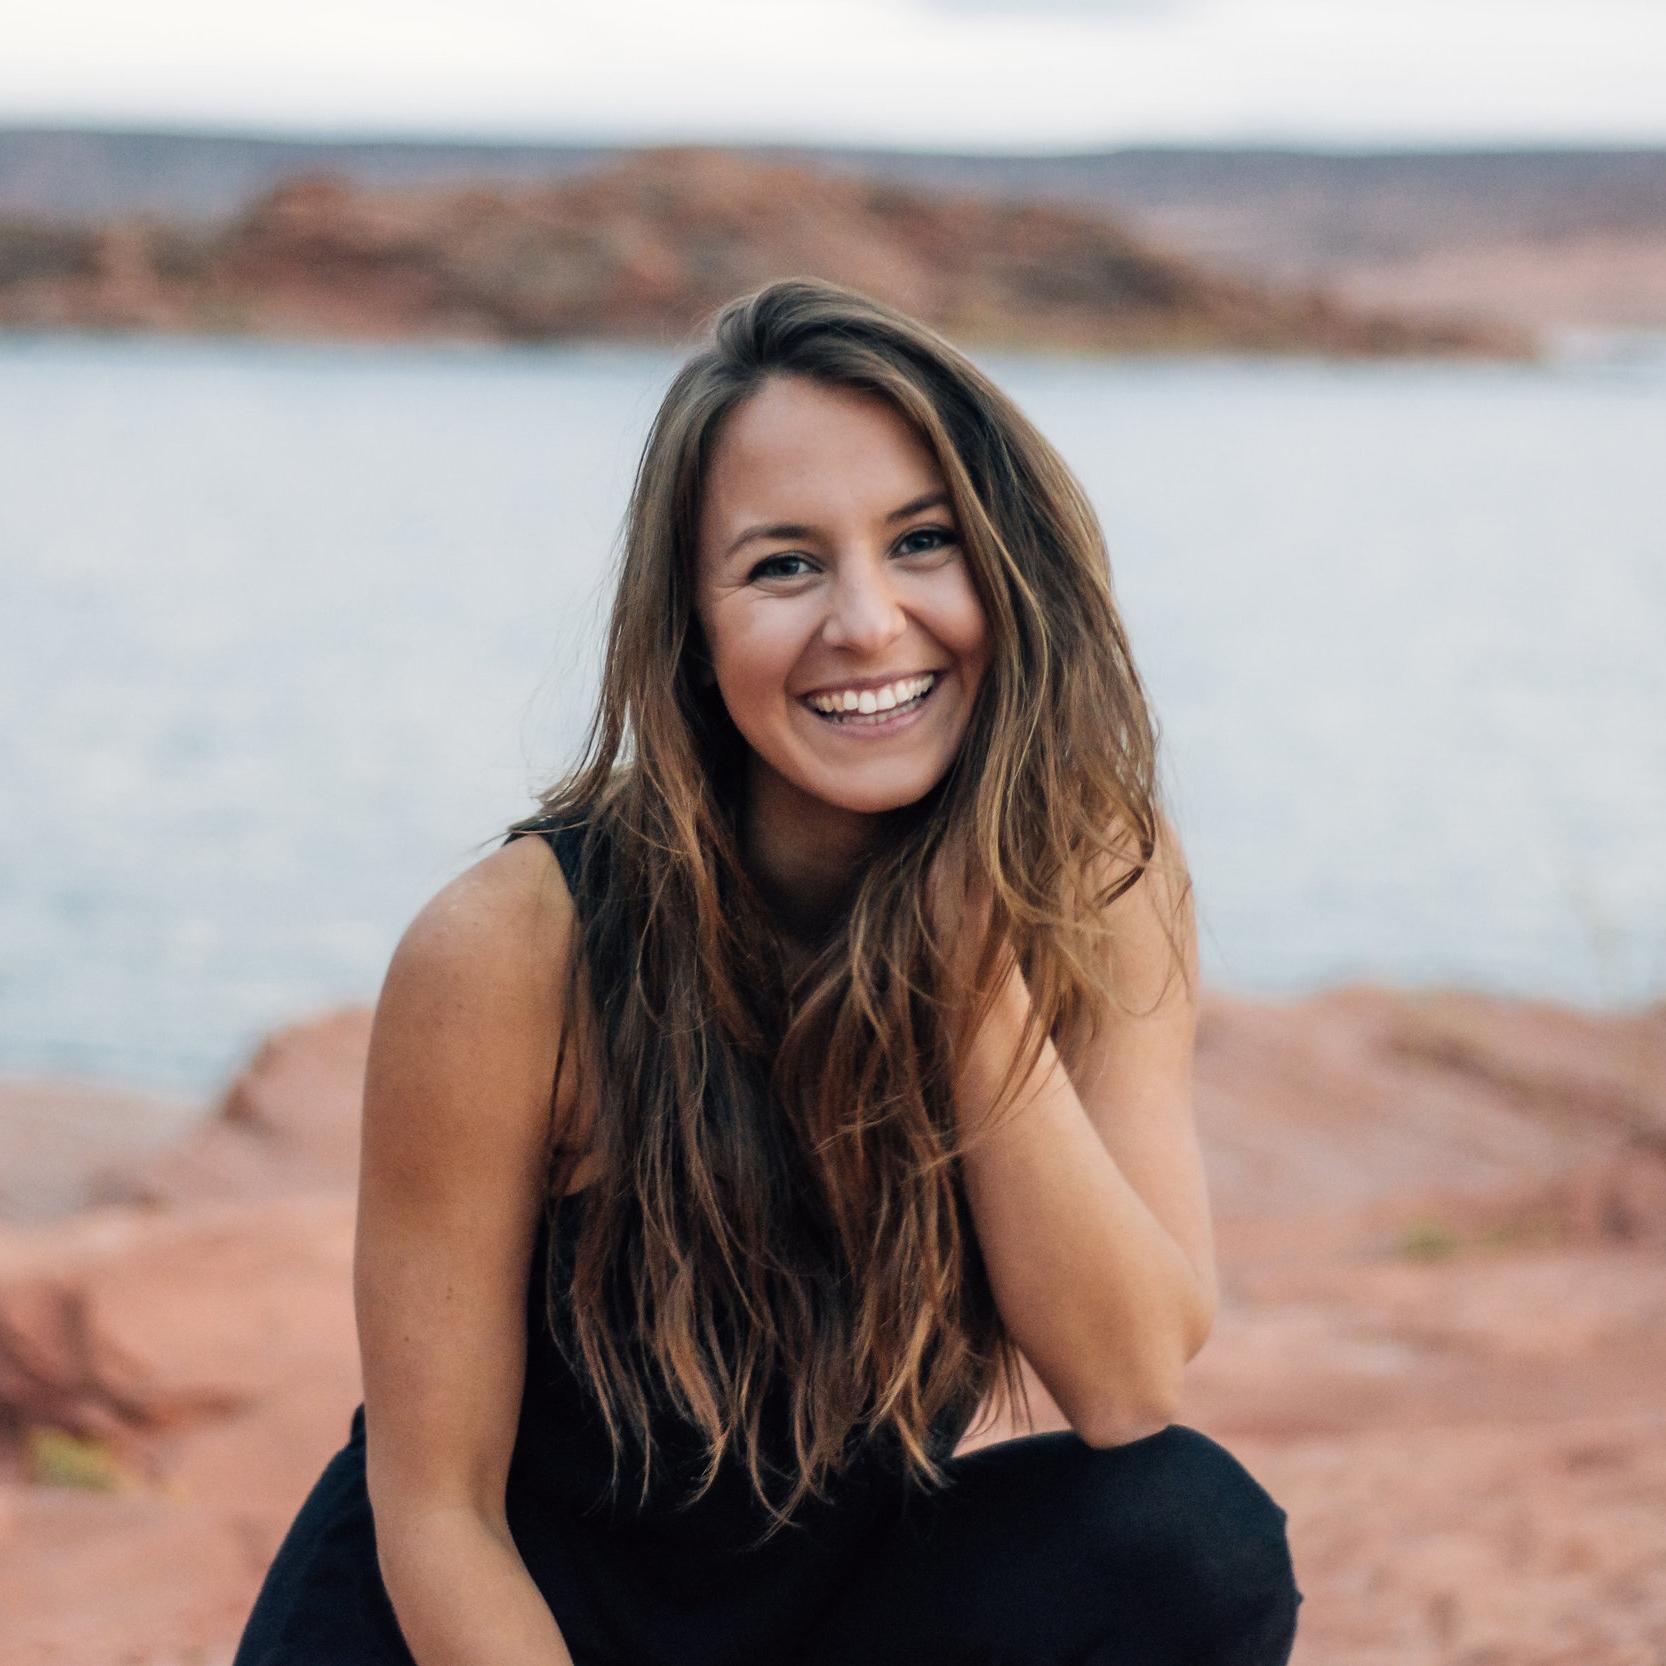 Katie Scoggins